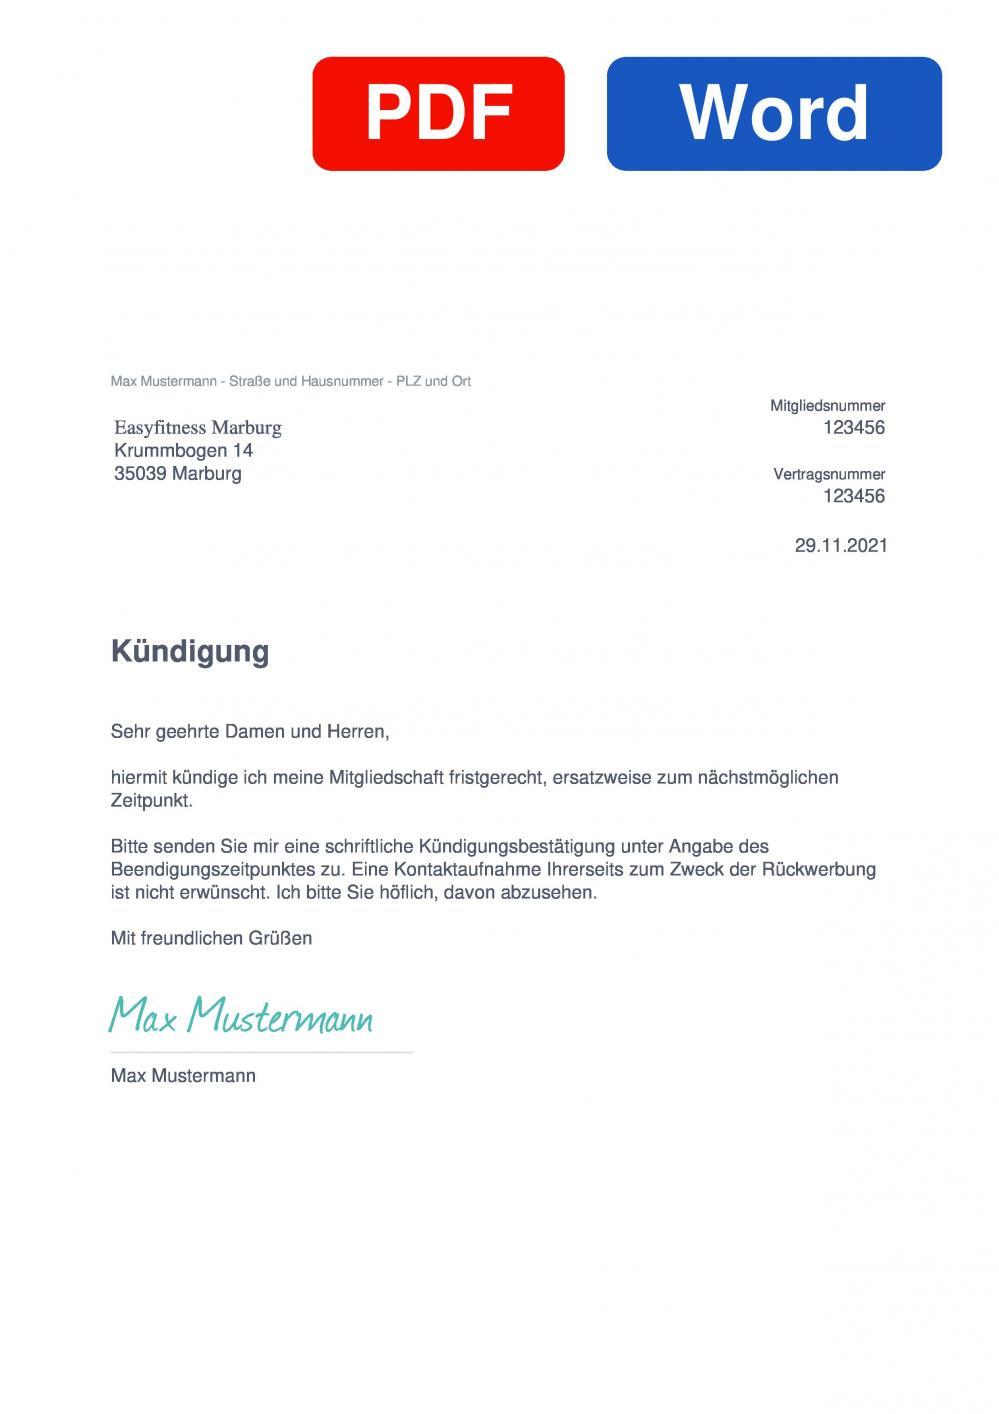 EASYFITNESS Marburg Muster Vorlage für Kündigungsschreiben